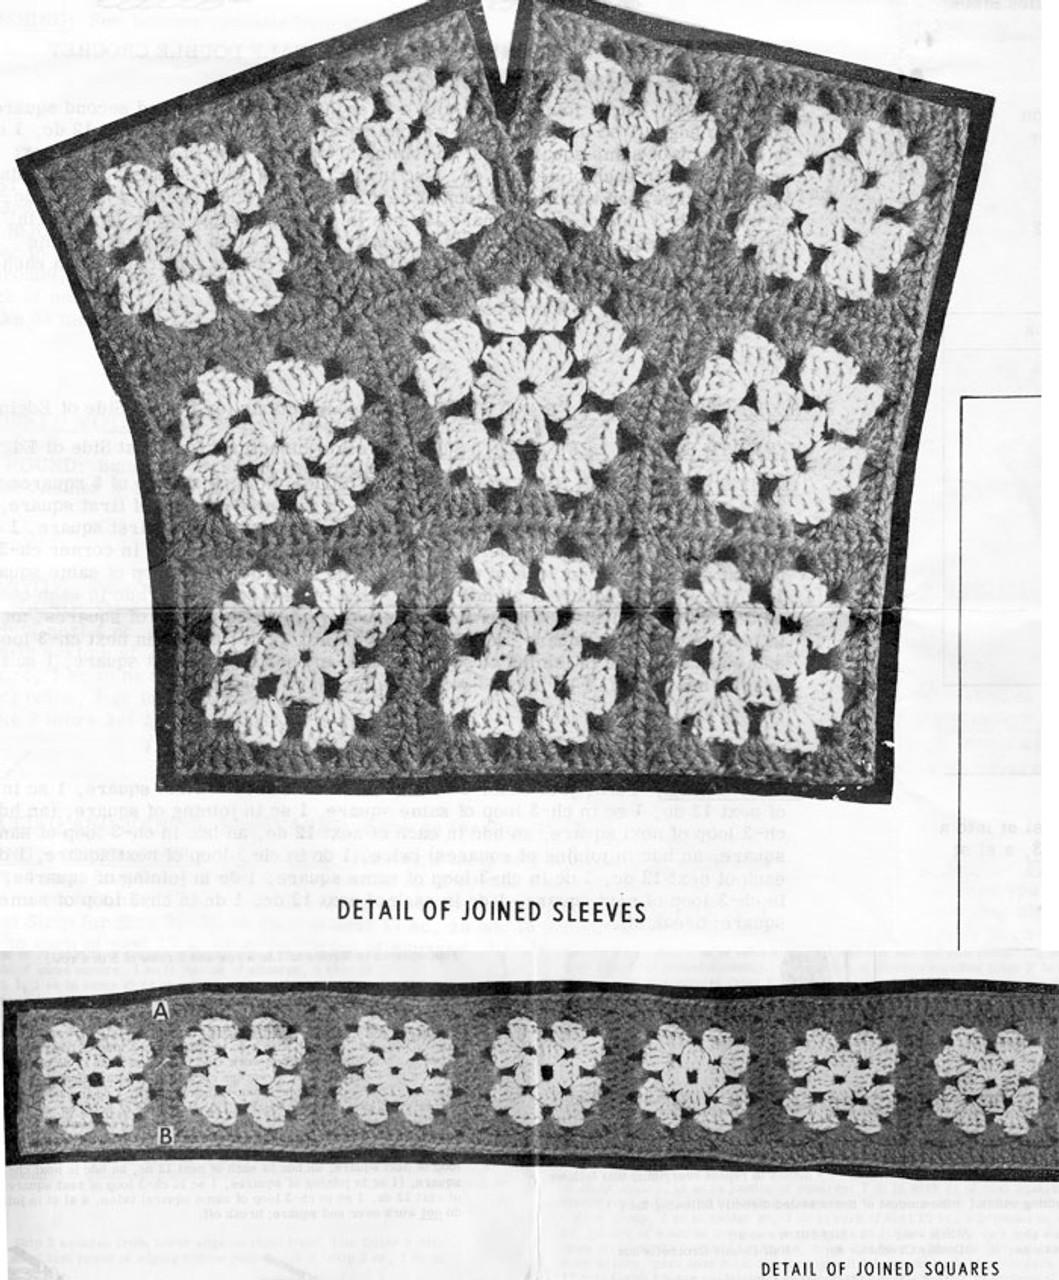 Granny Jacket Squares Illustration, Mail Order 850